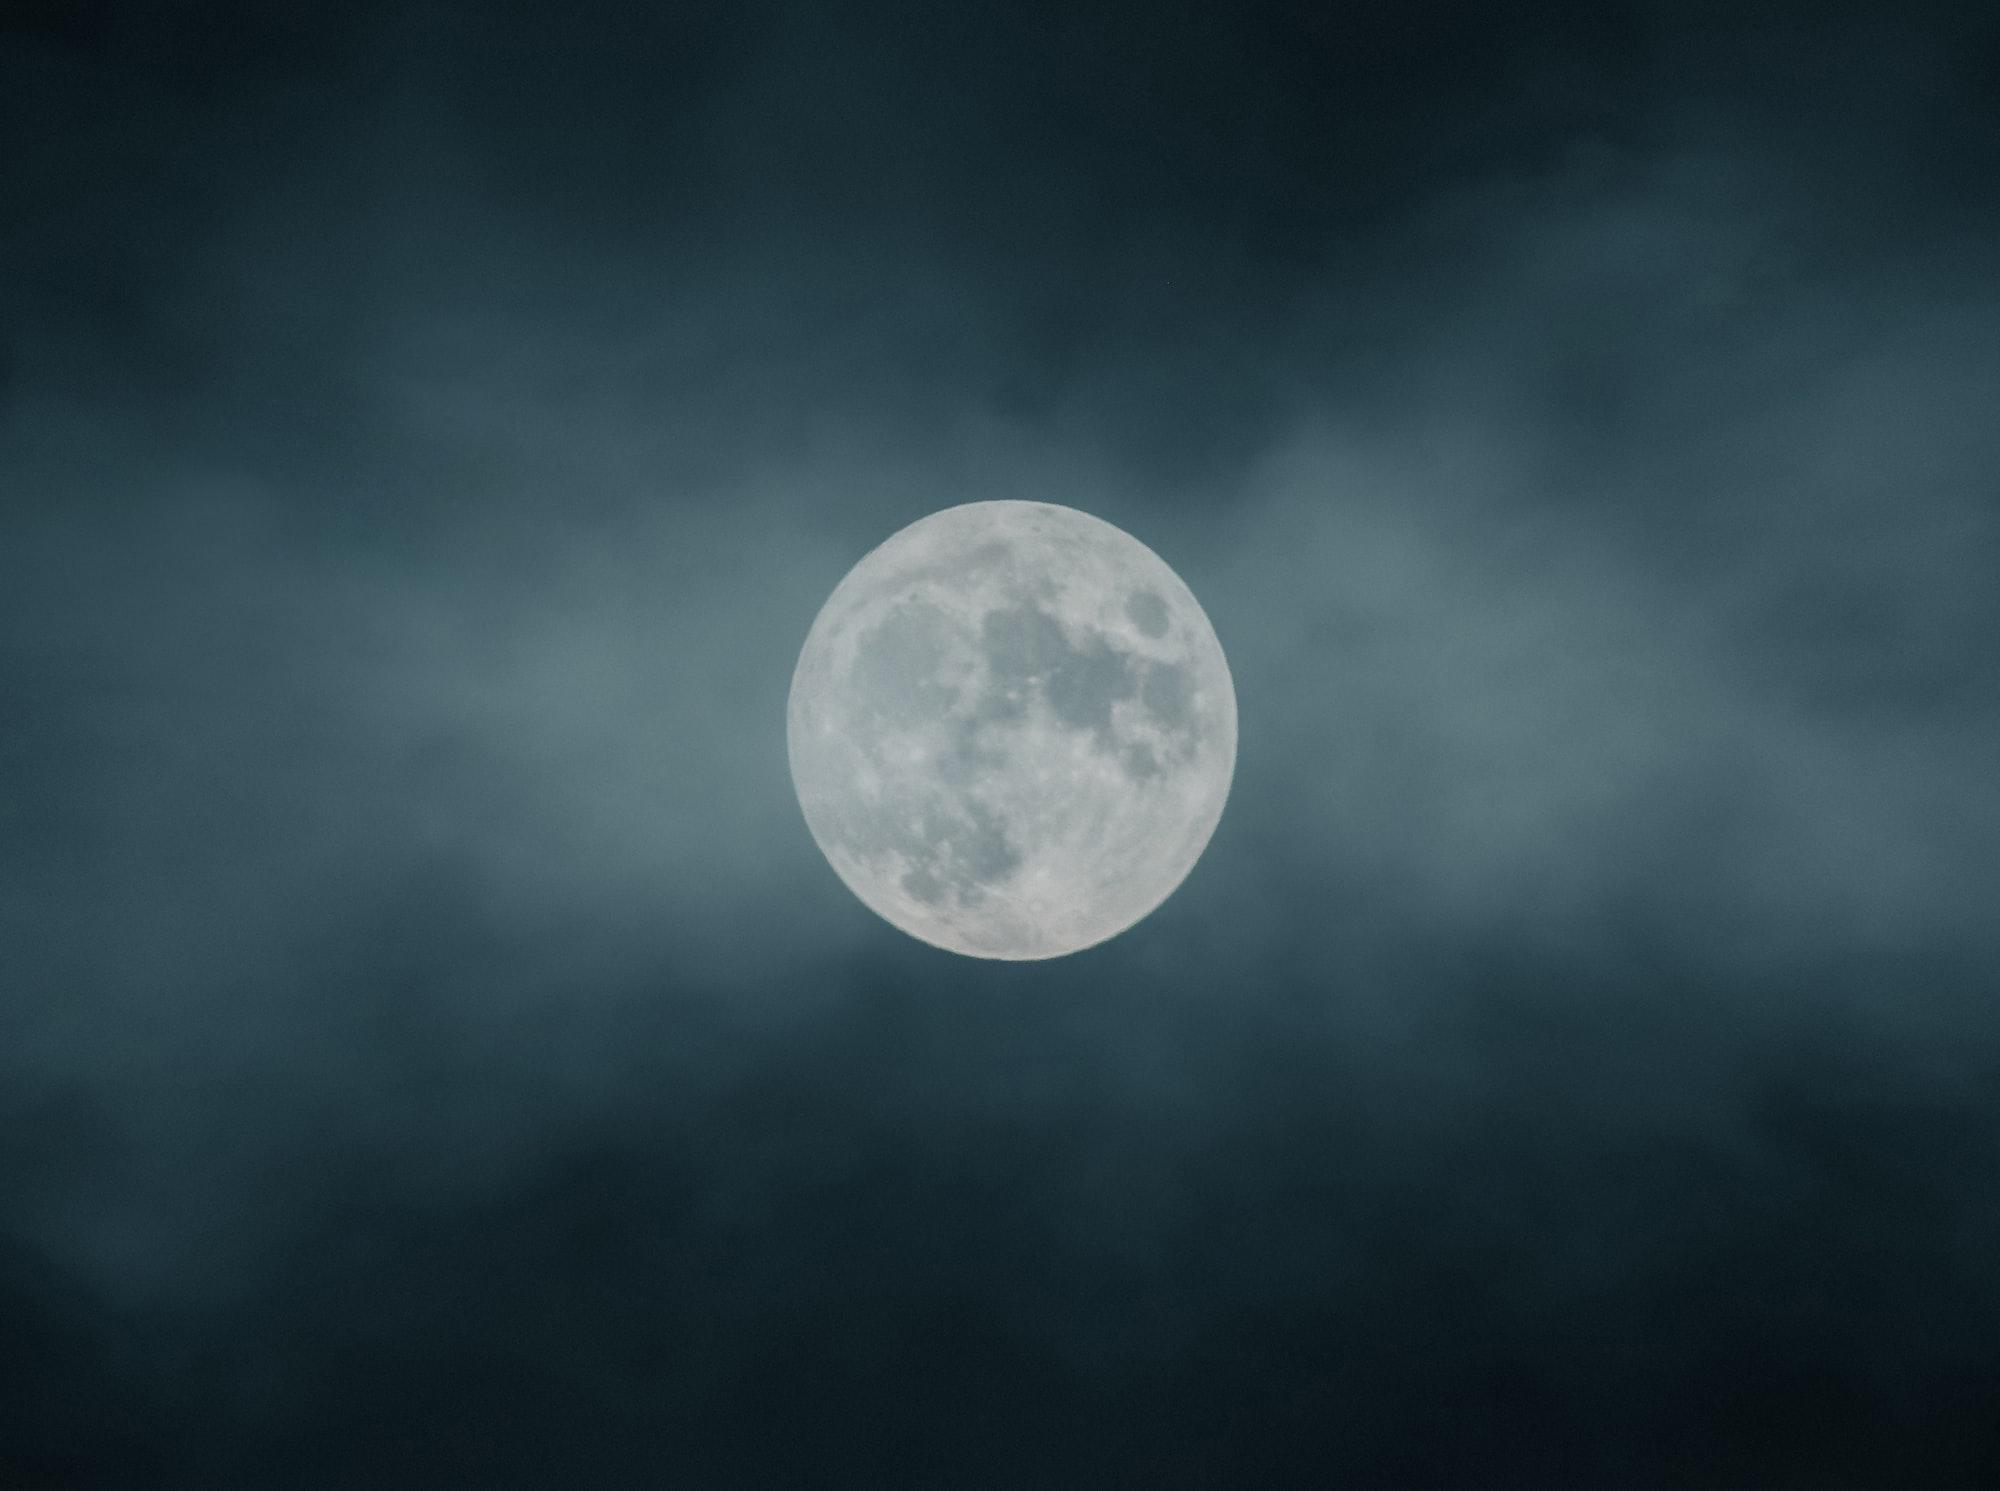 Mjesečarenje – limb između jave i sna